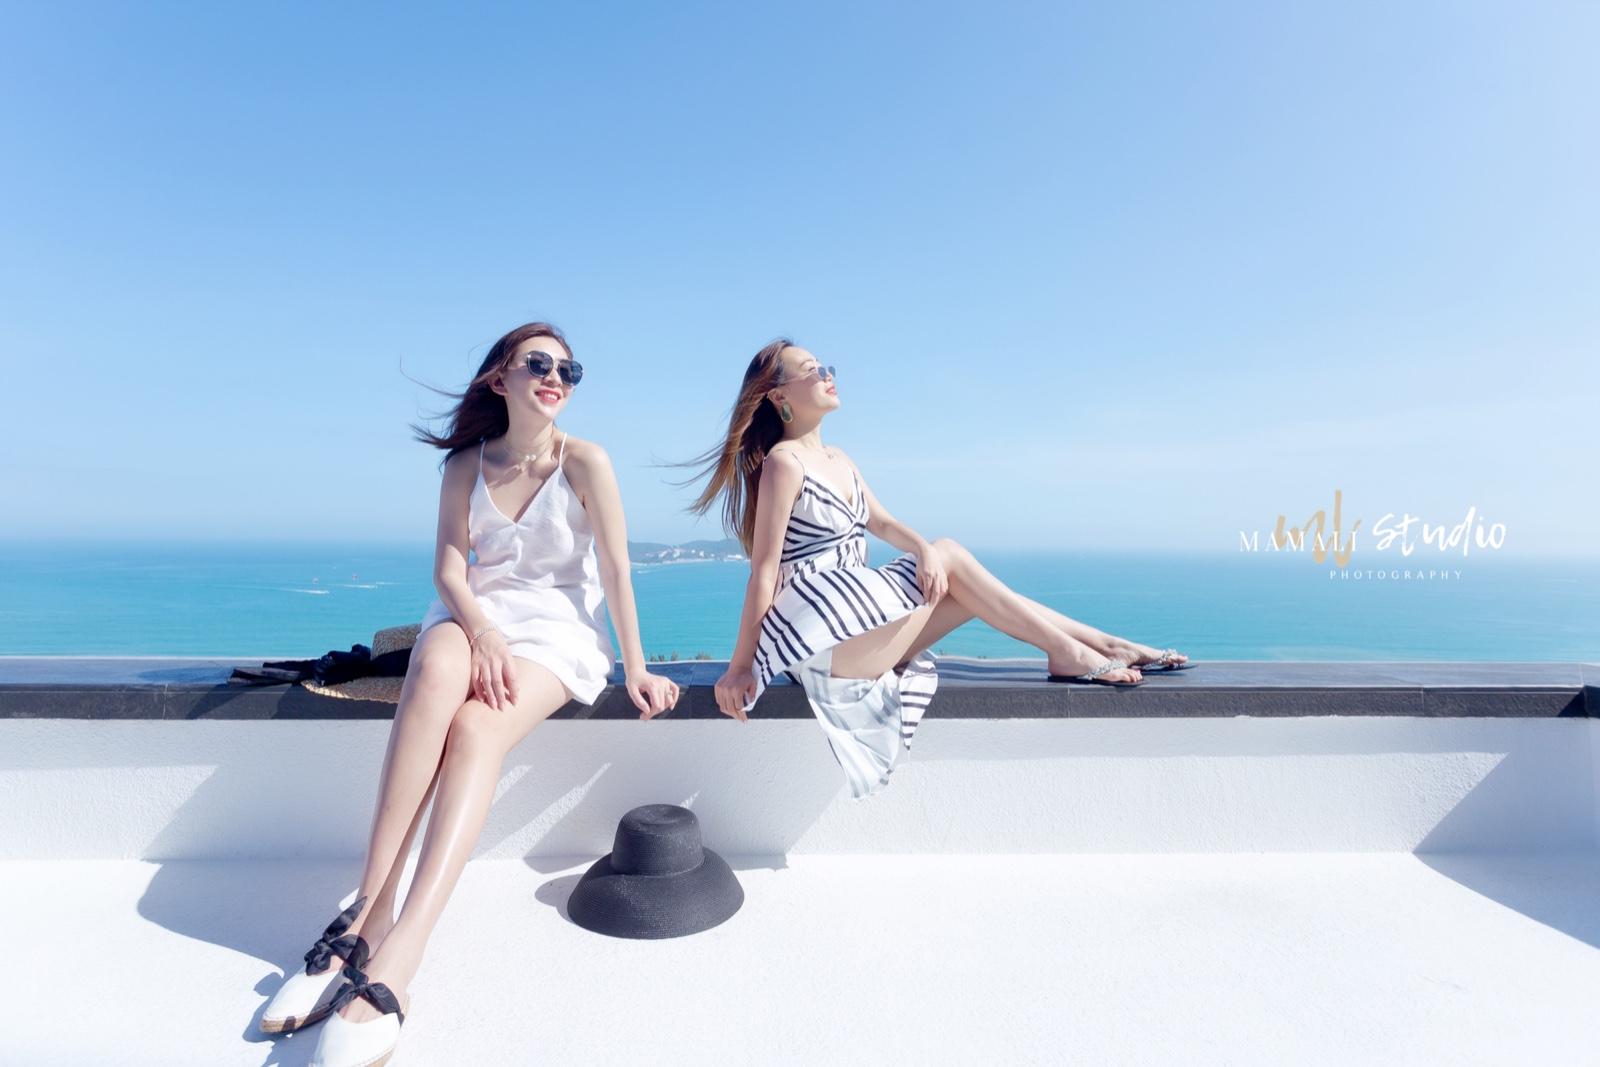 【11周年,我的旅行故事】艳遇三亚,闺蜜自驾赴一场海天盛宴